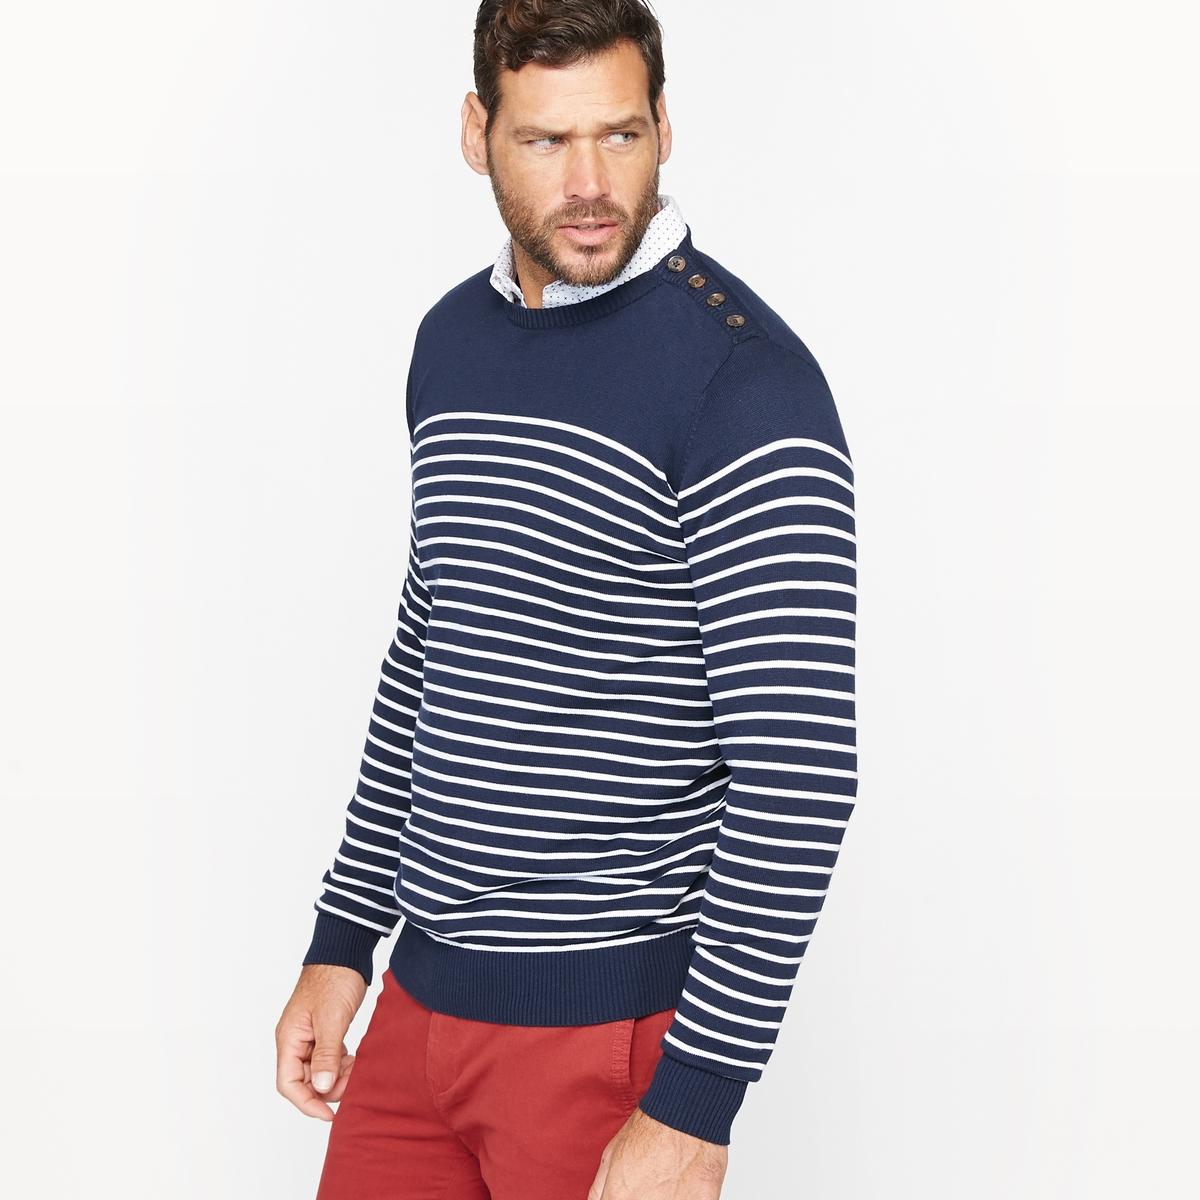 Пуловер в полоску с застежкой на пуговицыдлина спереди : 73 см для размера 50/52 и 81 см для размера 82/84.- длина рукавов : 68 см.<br><br>Цвет: в полоску темно-синий/белый<br>Размер: 66/68.70/72